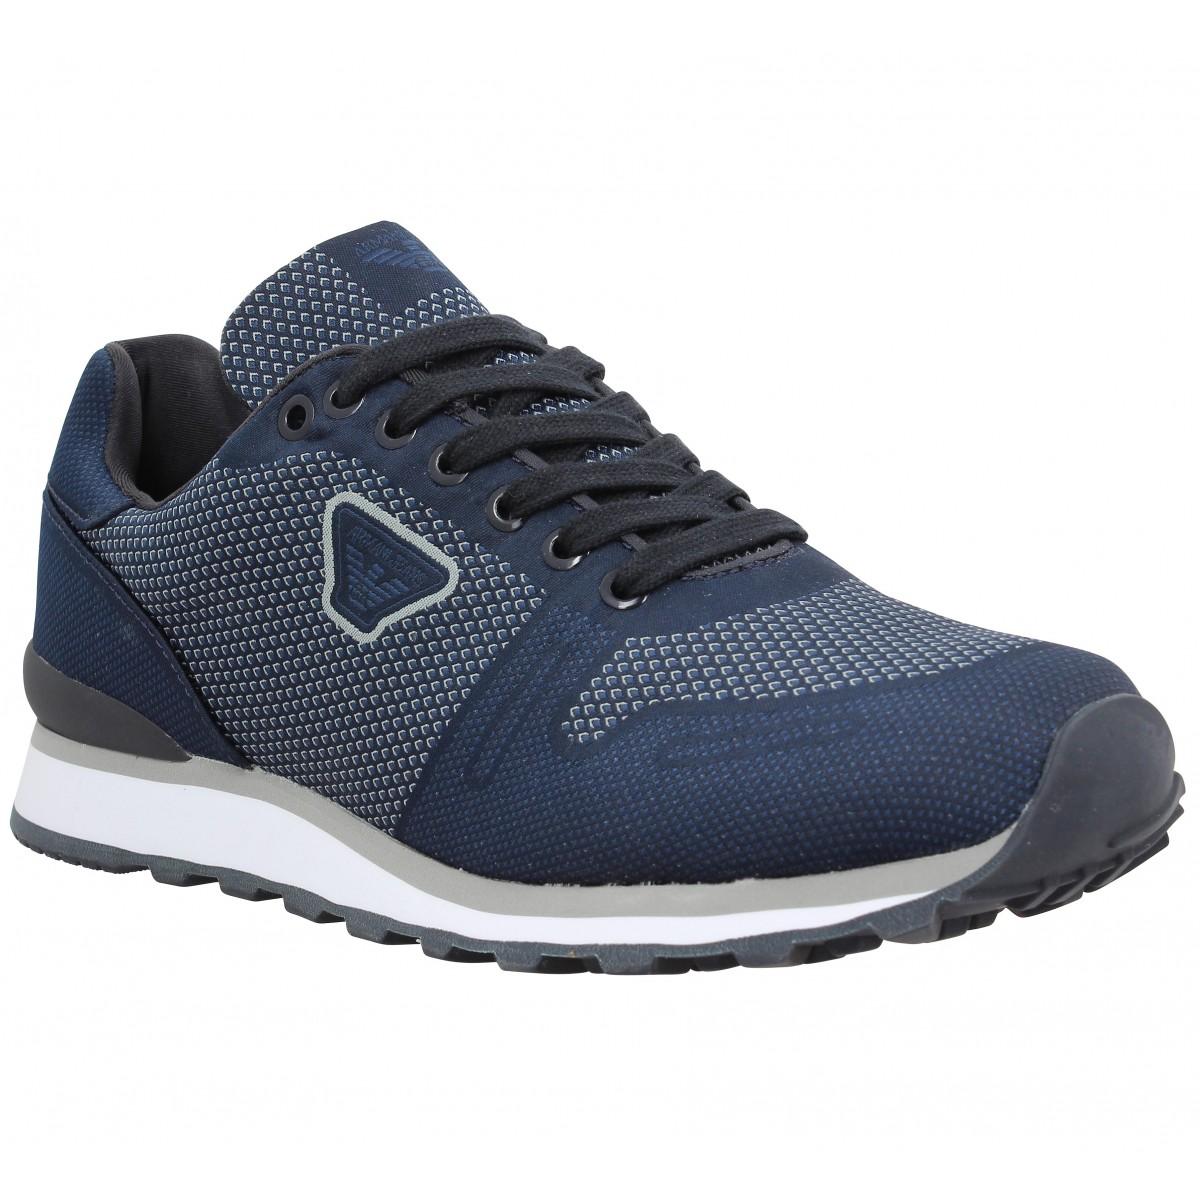 Armani Jeans Marque 9326 Homme-40-bleu